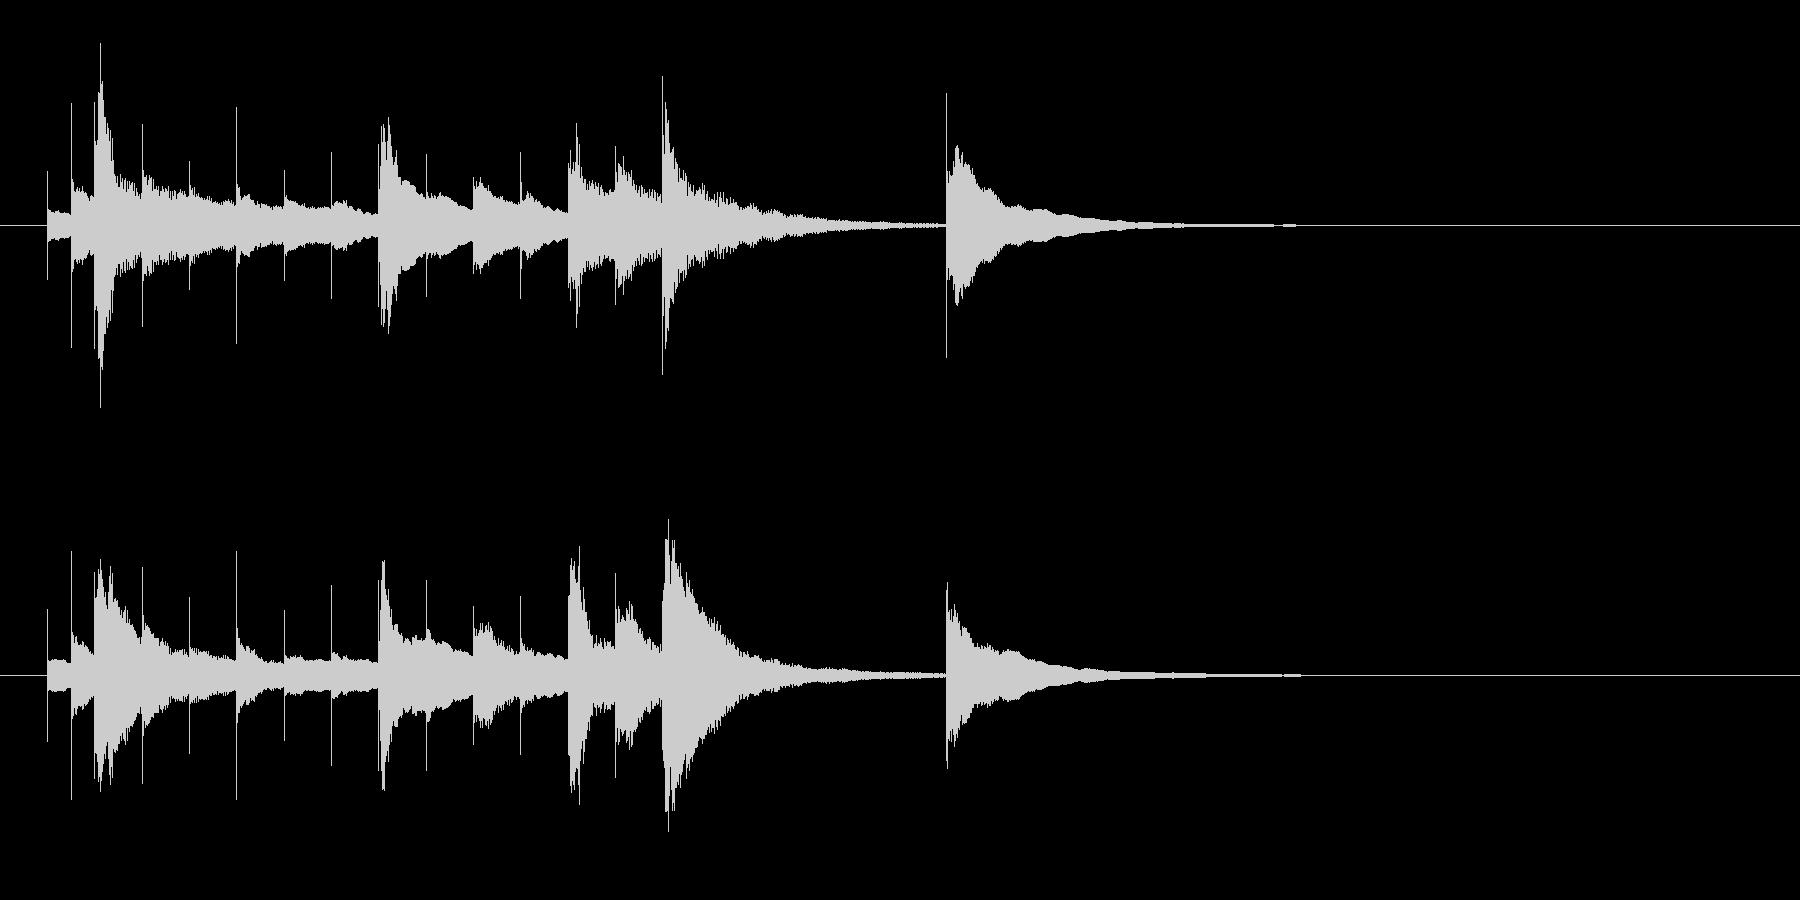 ベルのかわいいサウンドロゴの未再生の波形